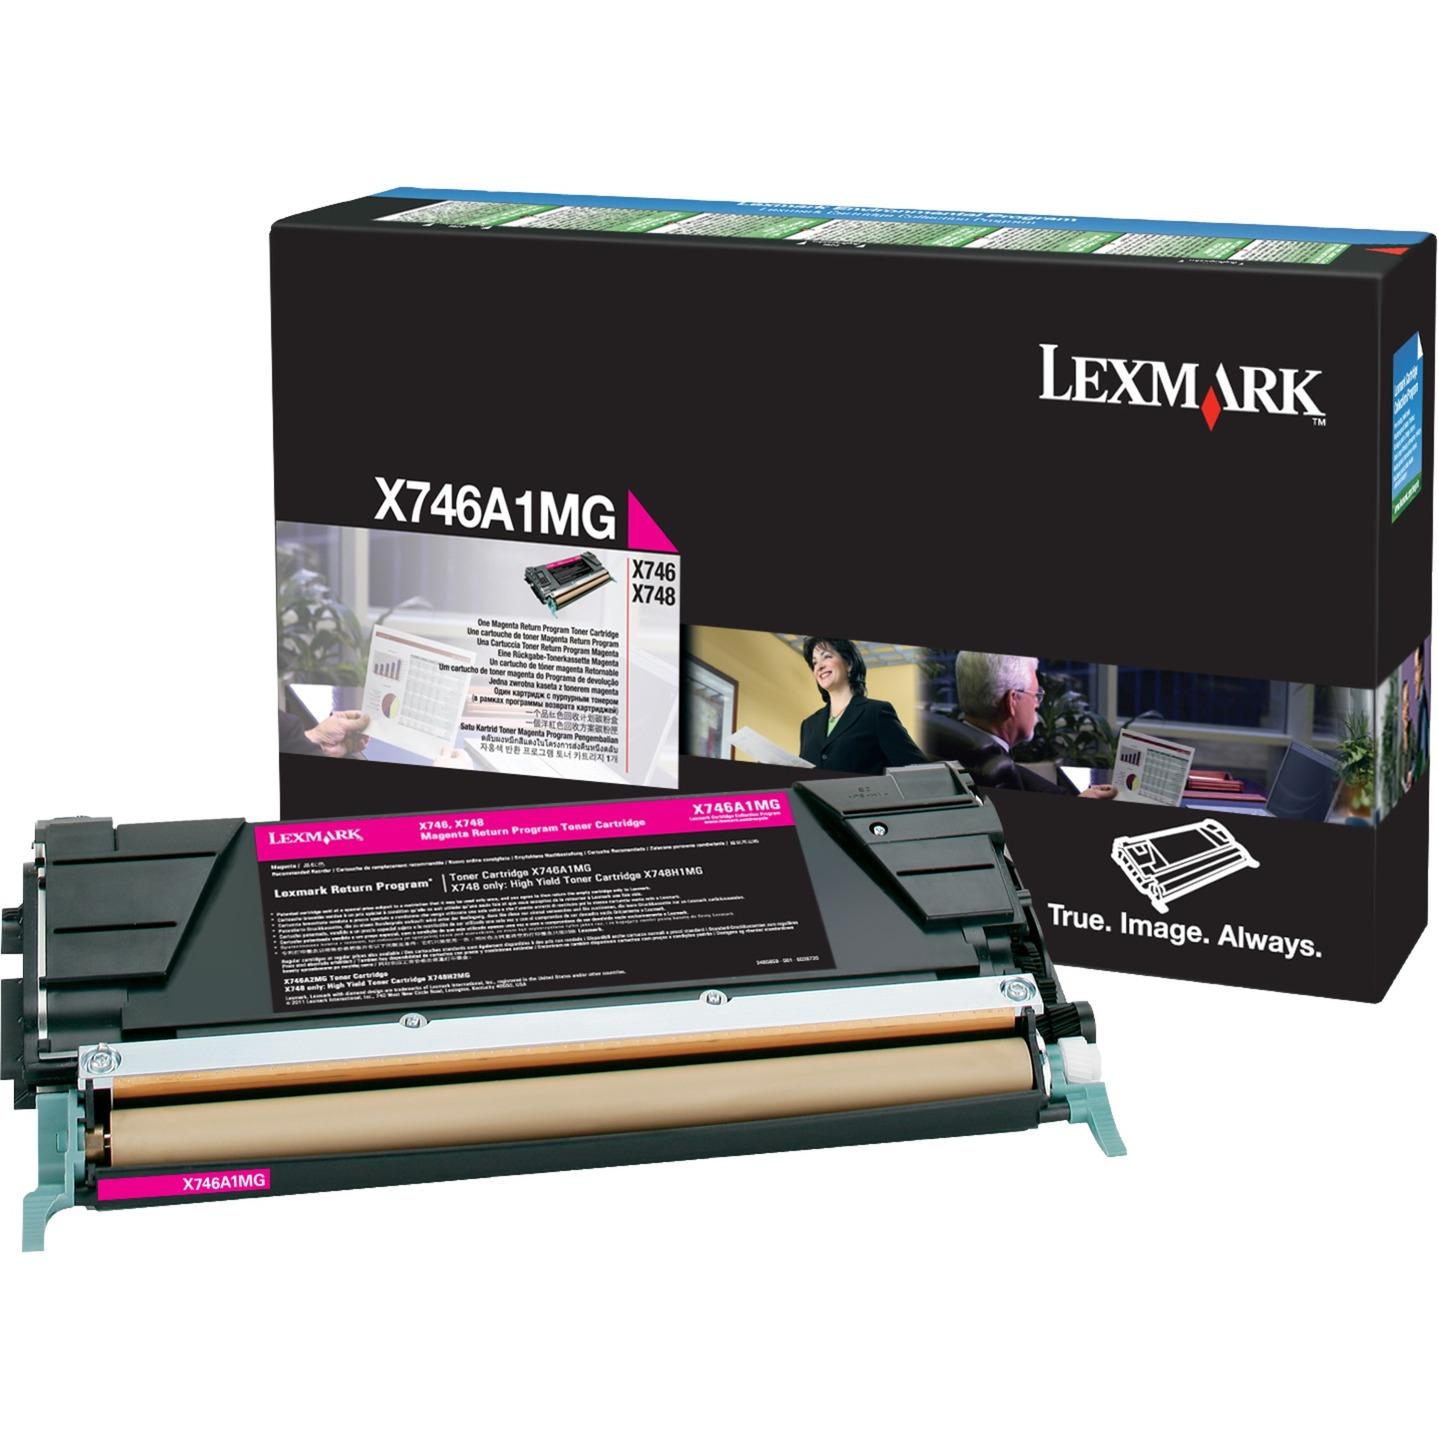 X746A1MG cartucho de tóner Tóner de láser 7000 páginas Magenta